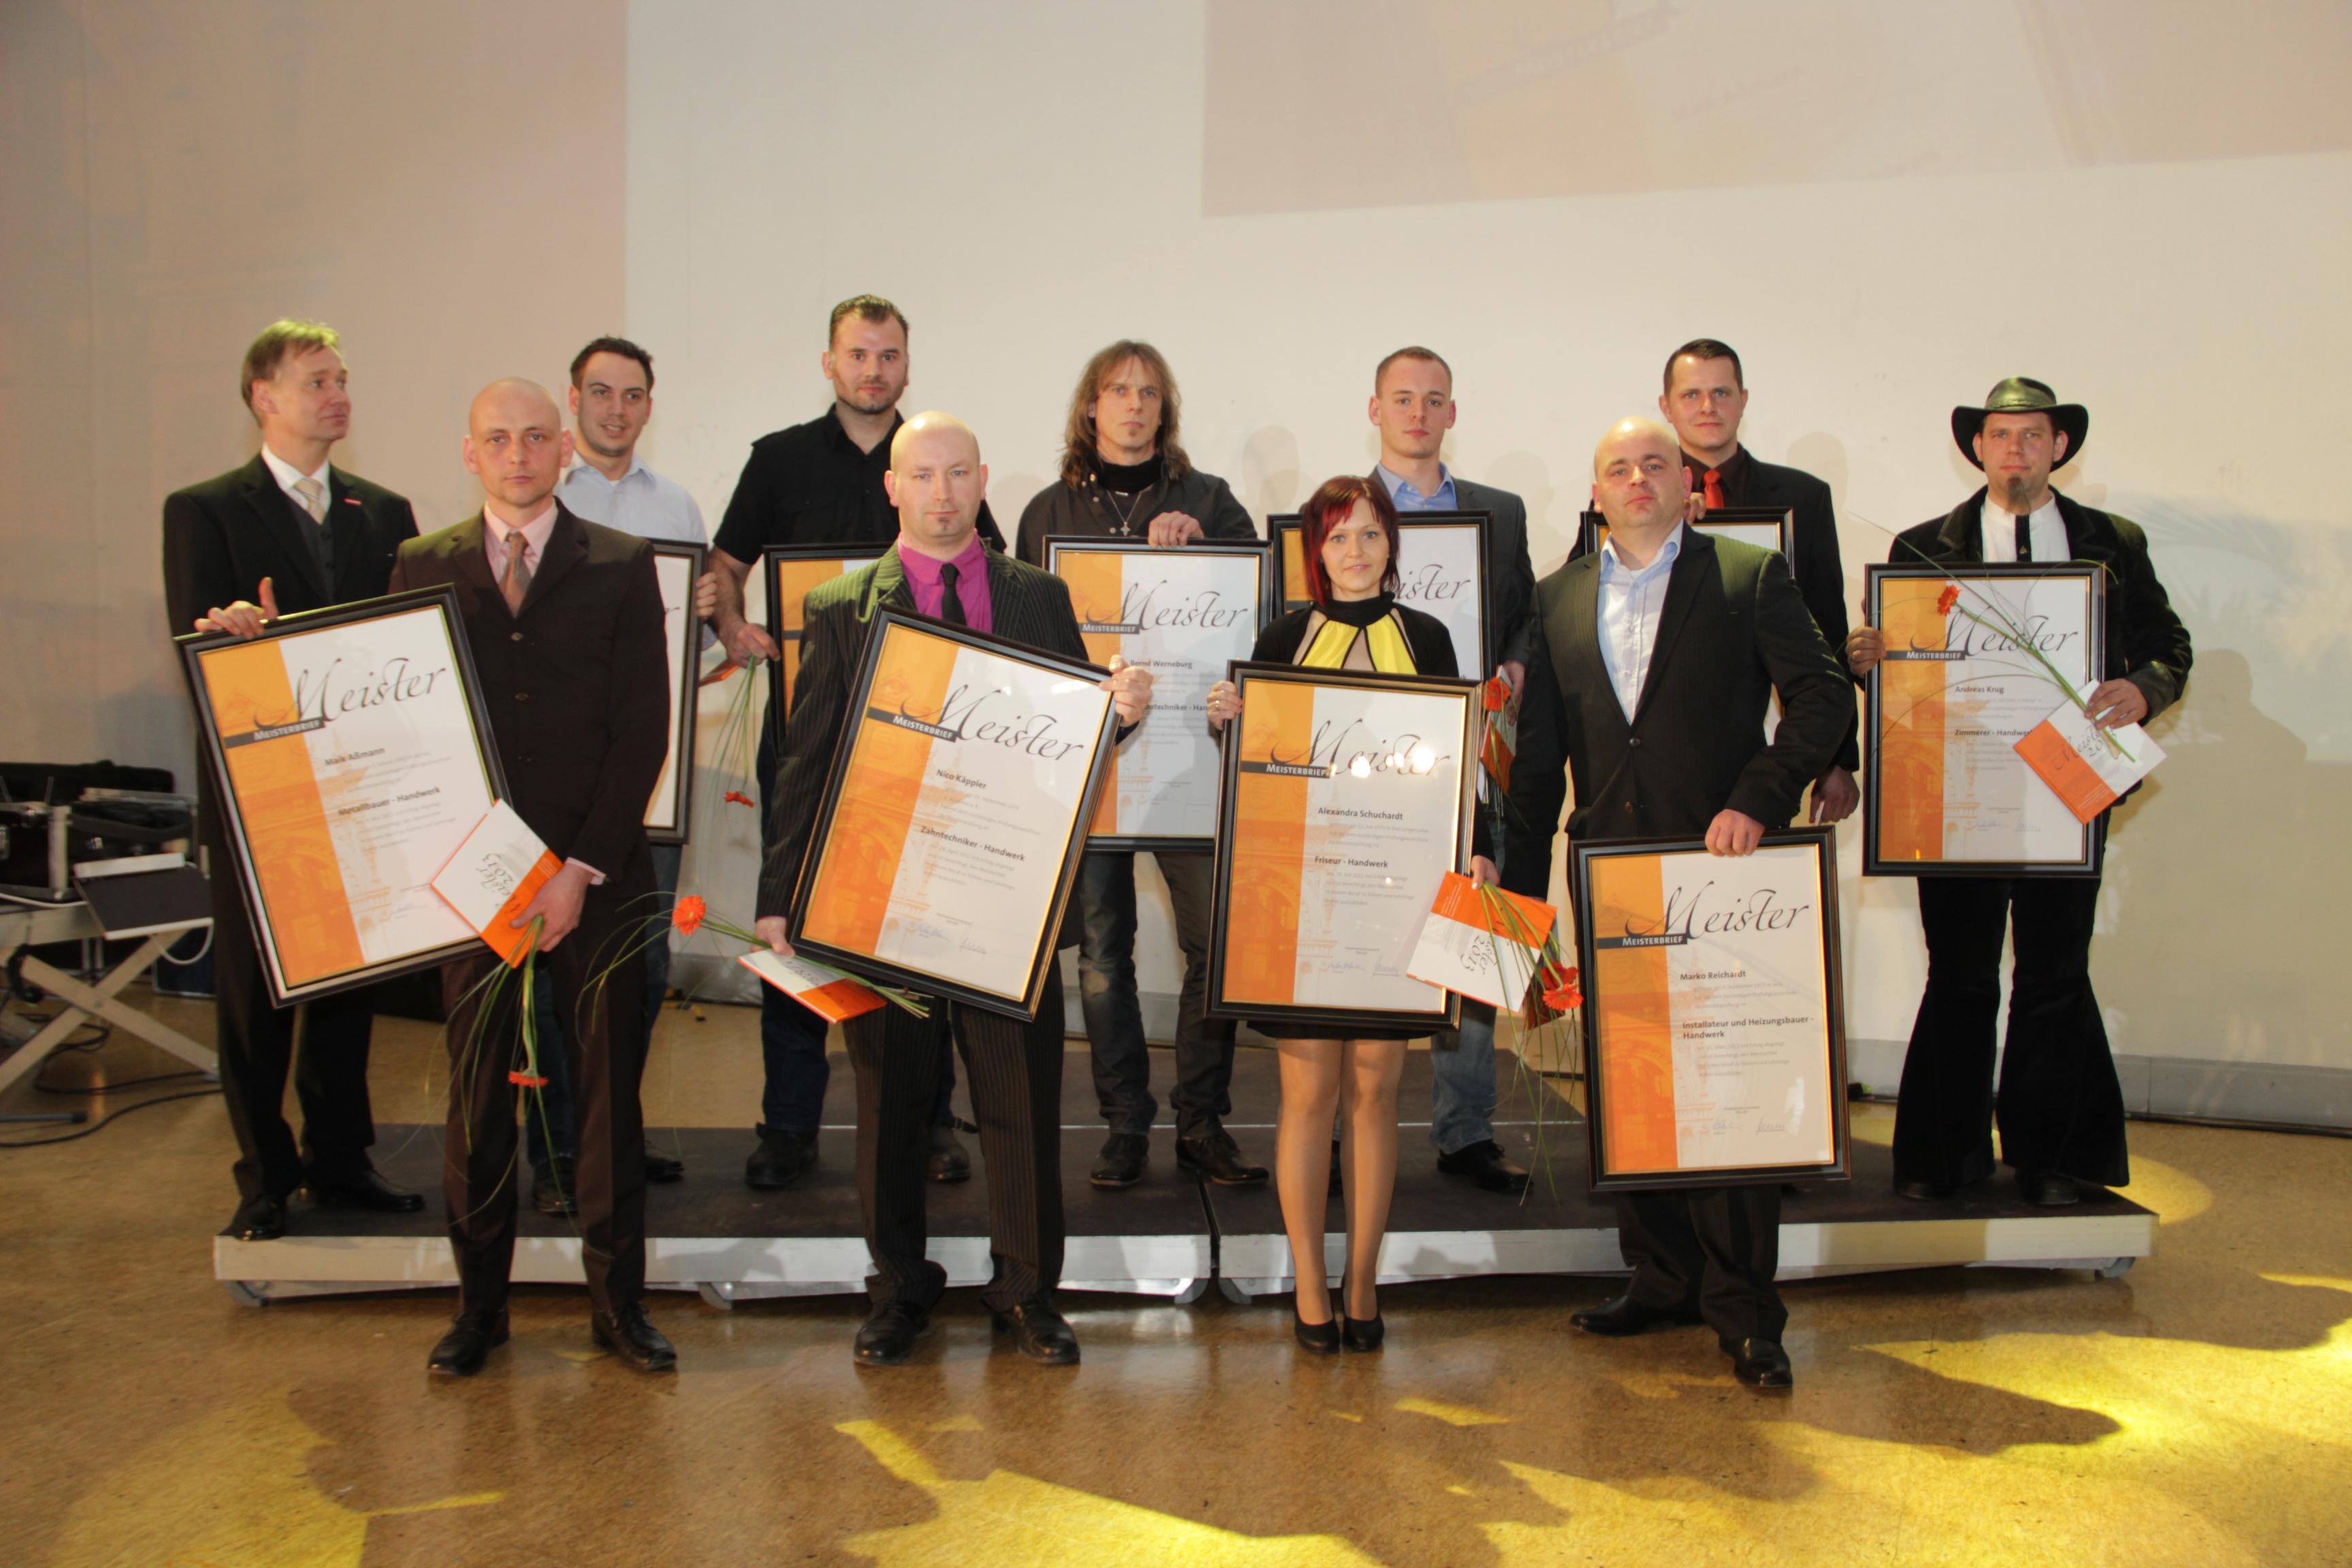 Die Besten Meister aller Gewerke auf der Lossprechungsfeier am 02.03.2013 in Erfurt